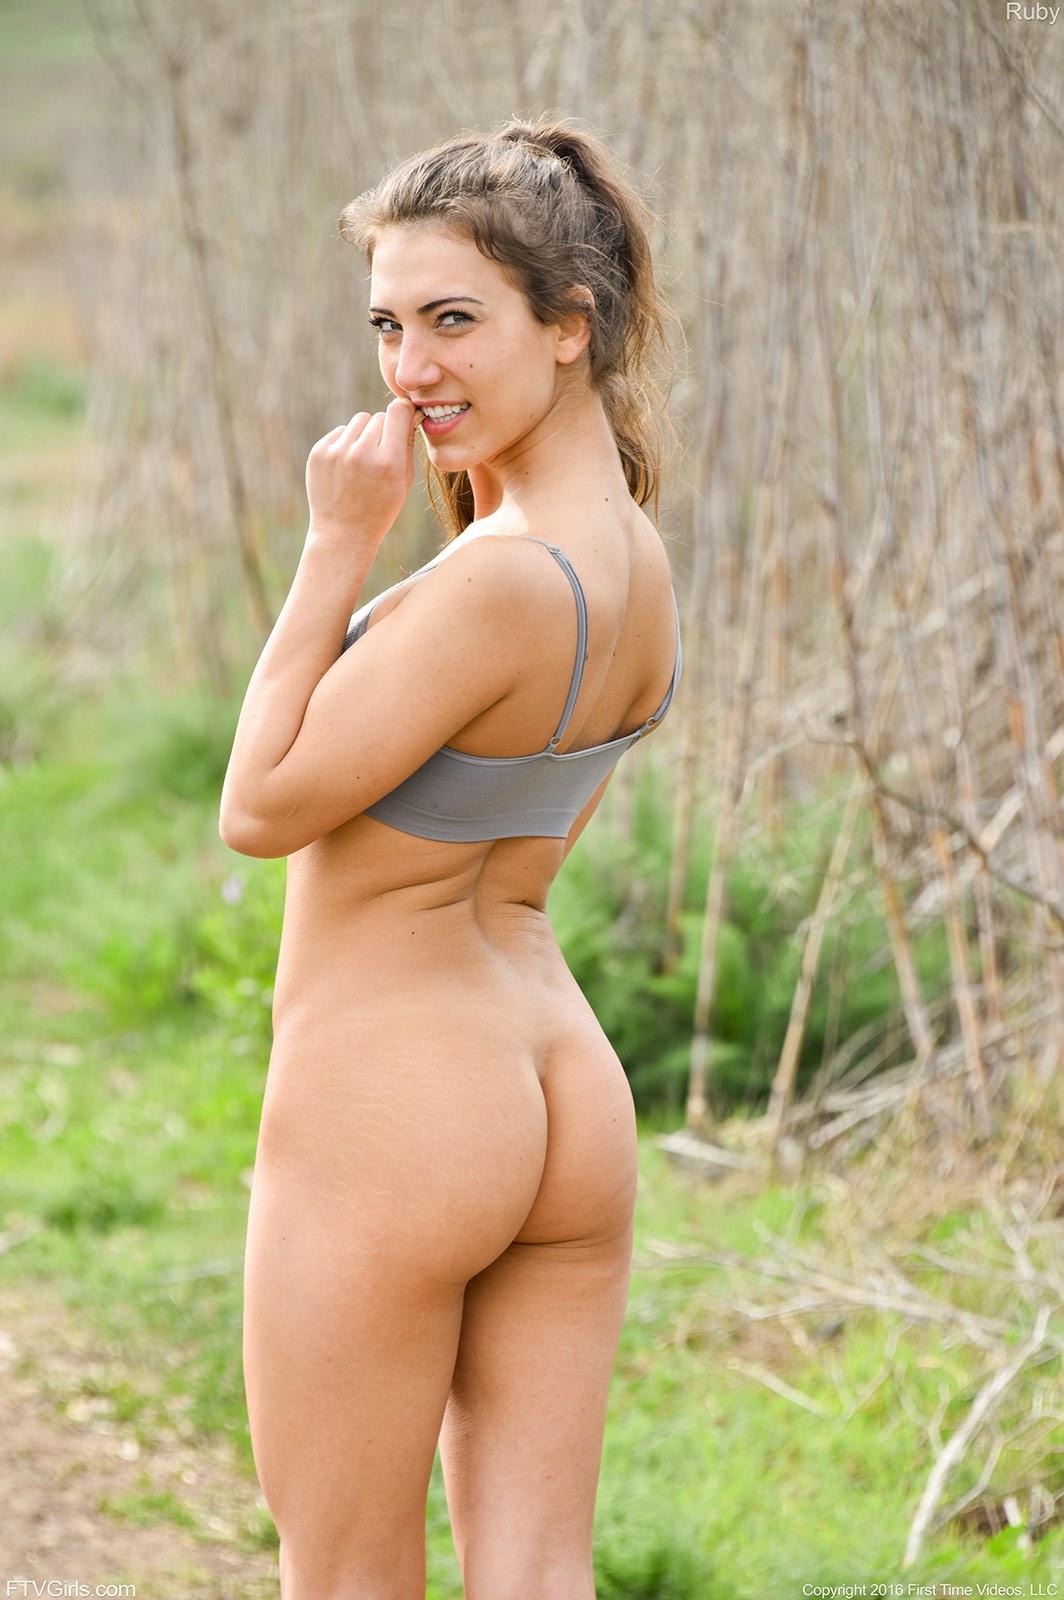 Naked pic van gals Sexy rondborstige tiener porno